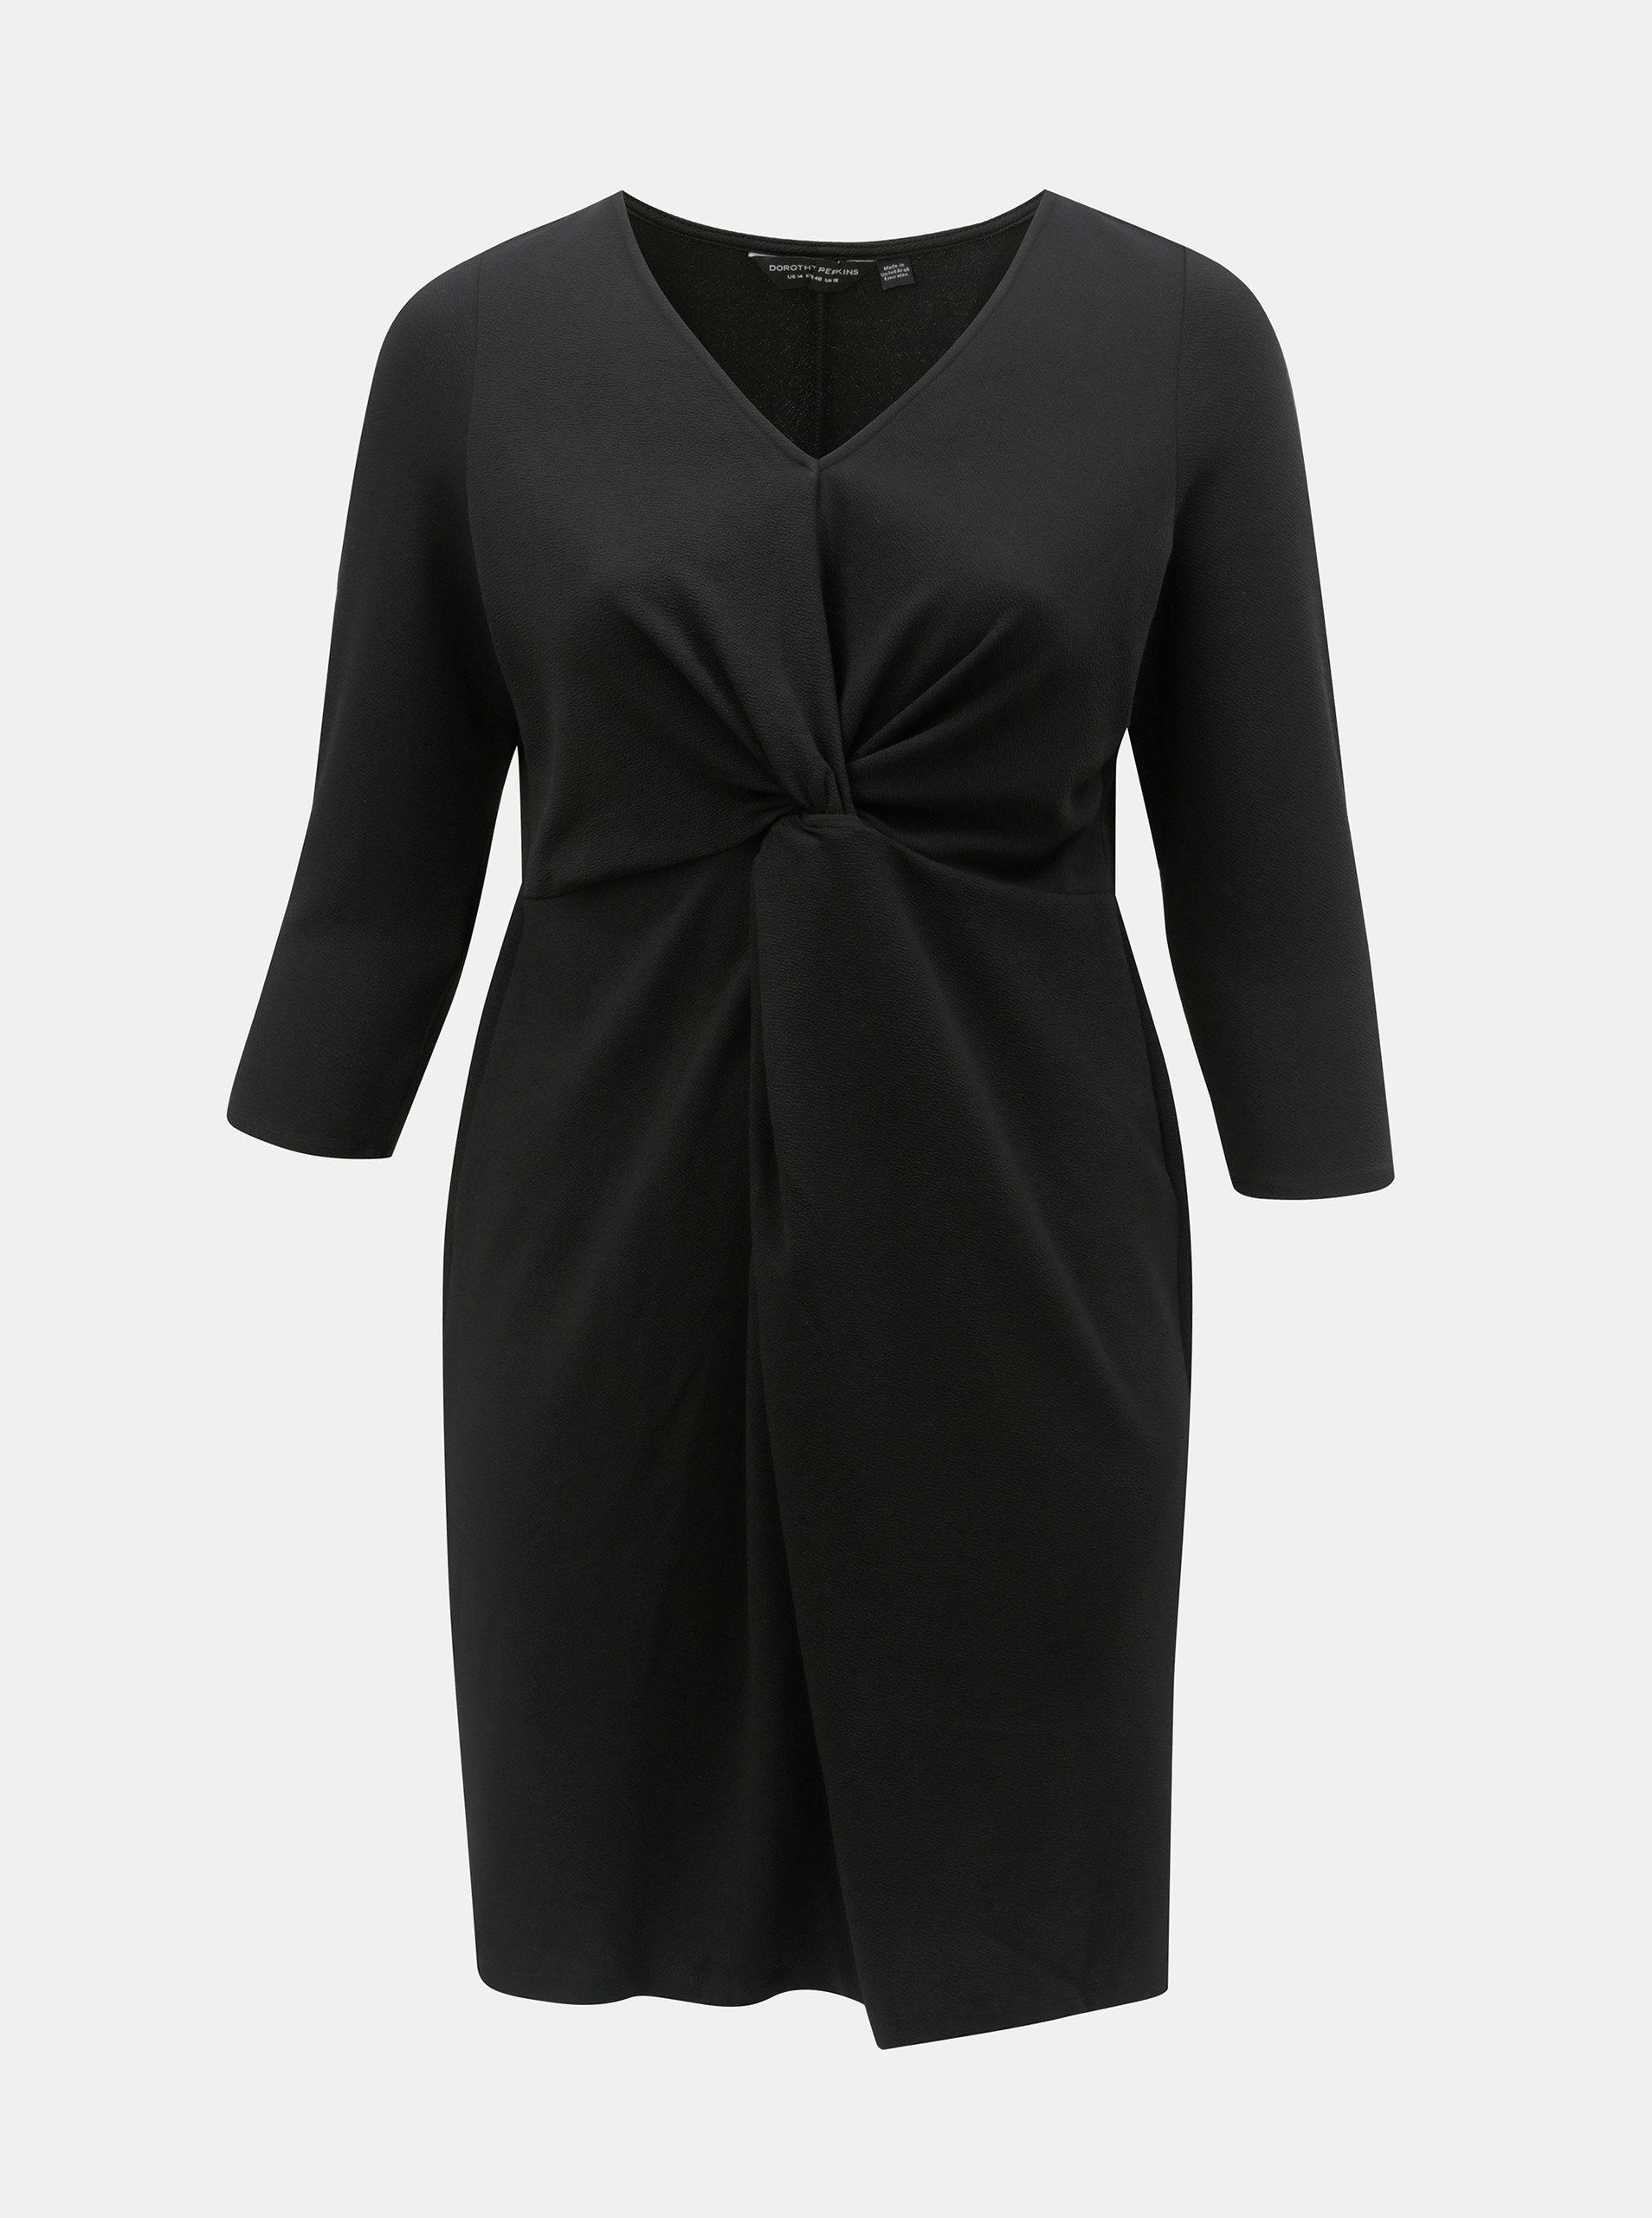 4bce2c191ad4 Černé šaty s řasením na břiše Dorothy Perkins Curve ...